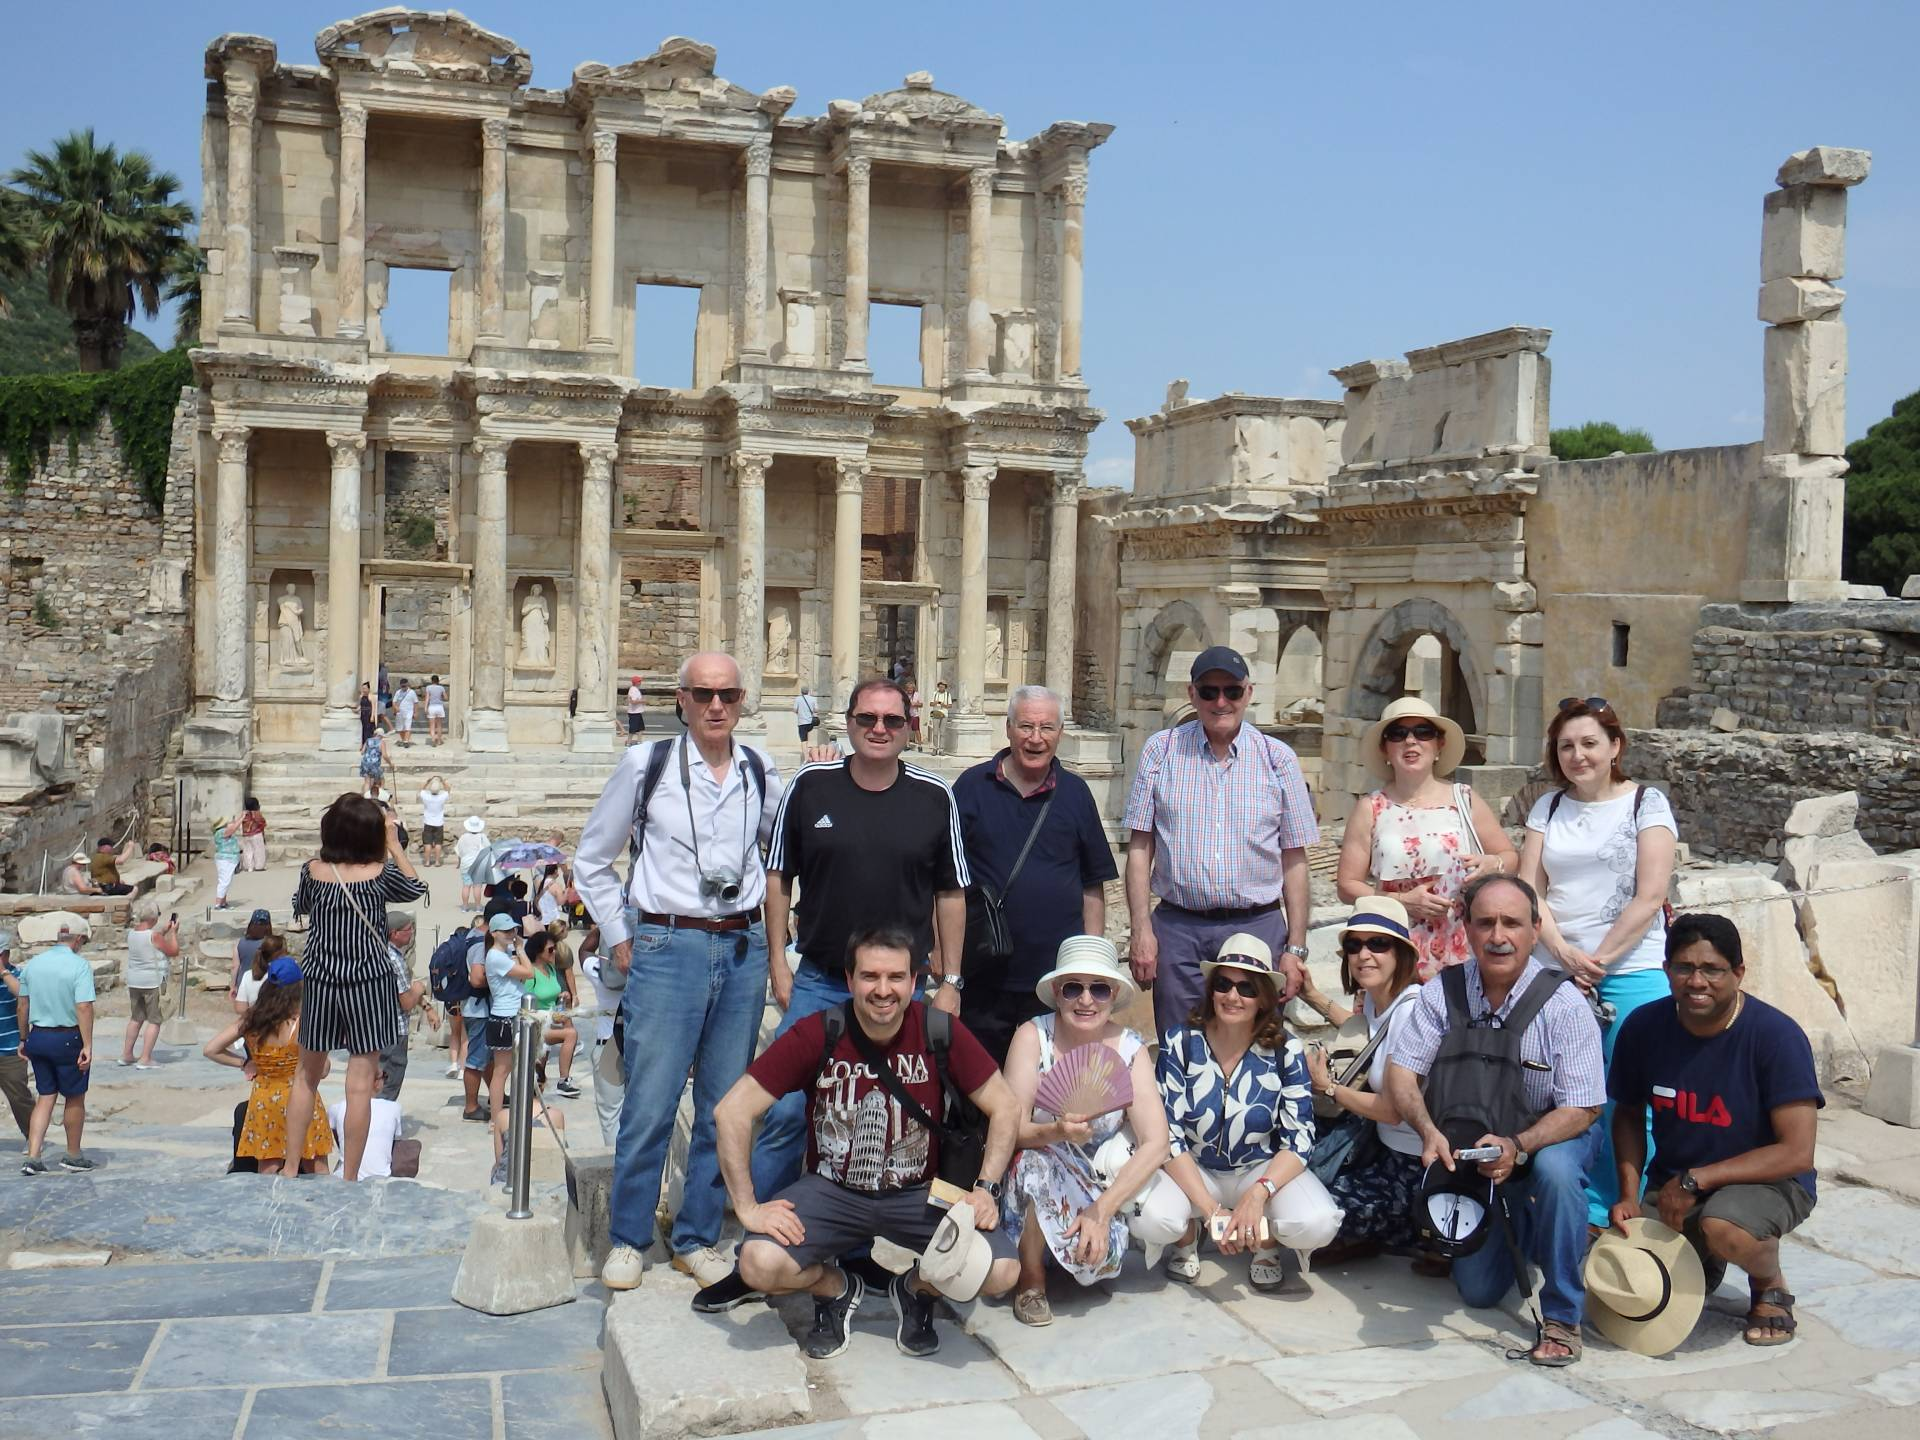 Los peregrinos, en la biblioteca de Celso, en Éfeso.